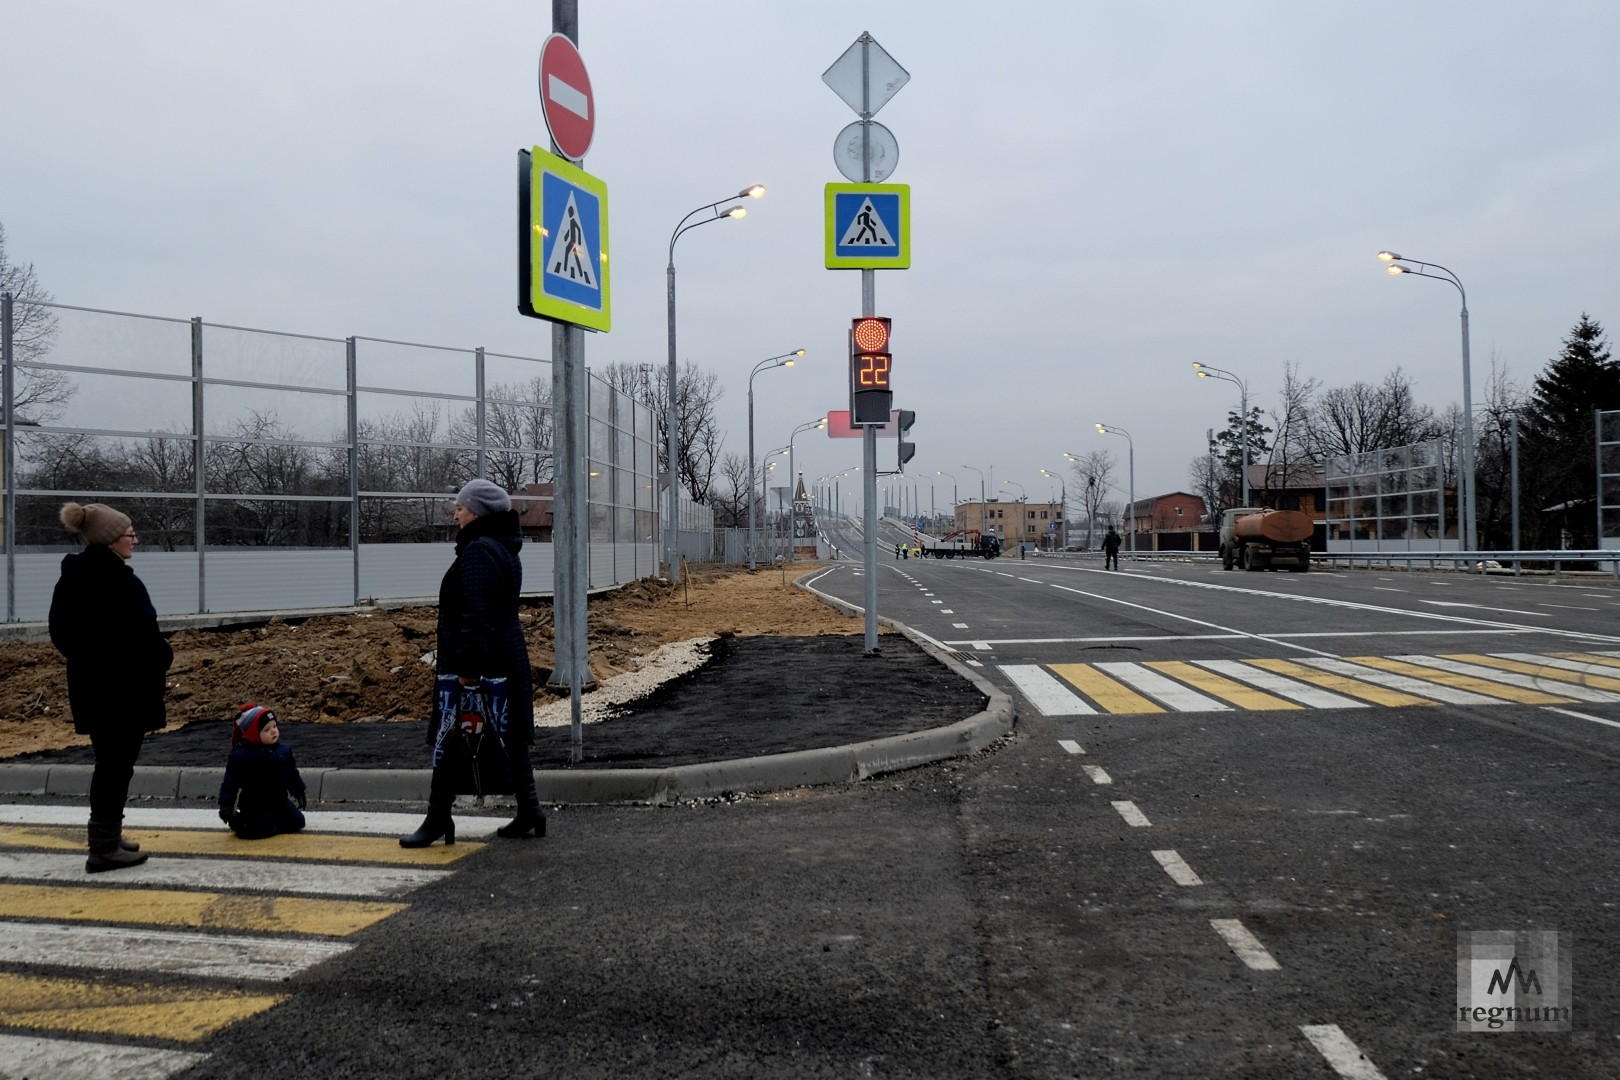 Пешеходный переход и частично уложенный тротуар